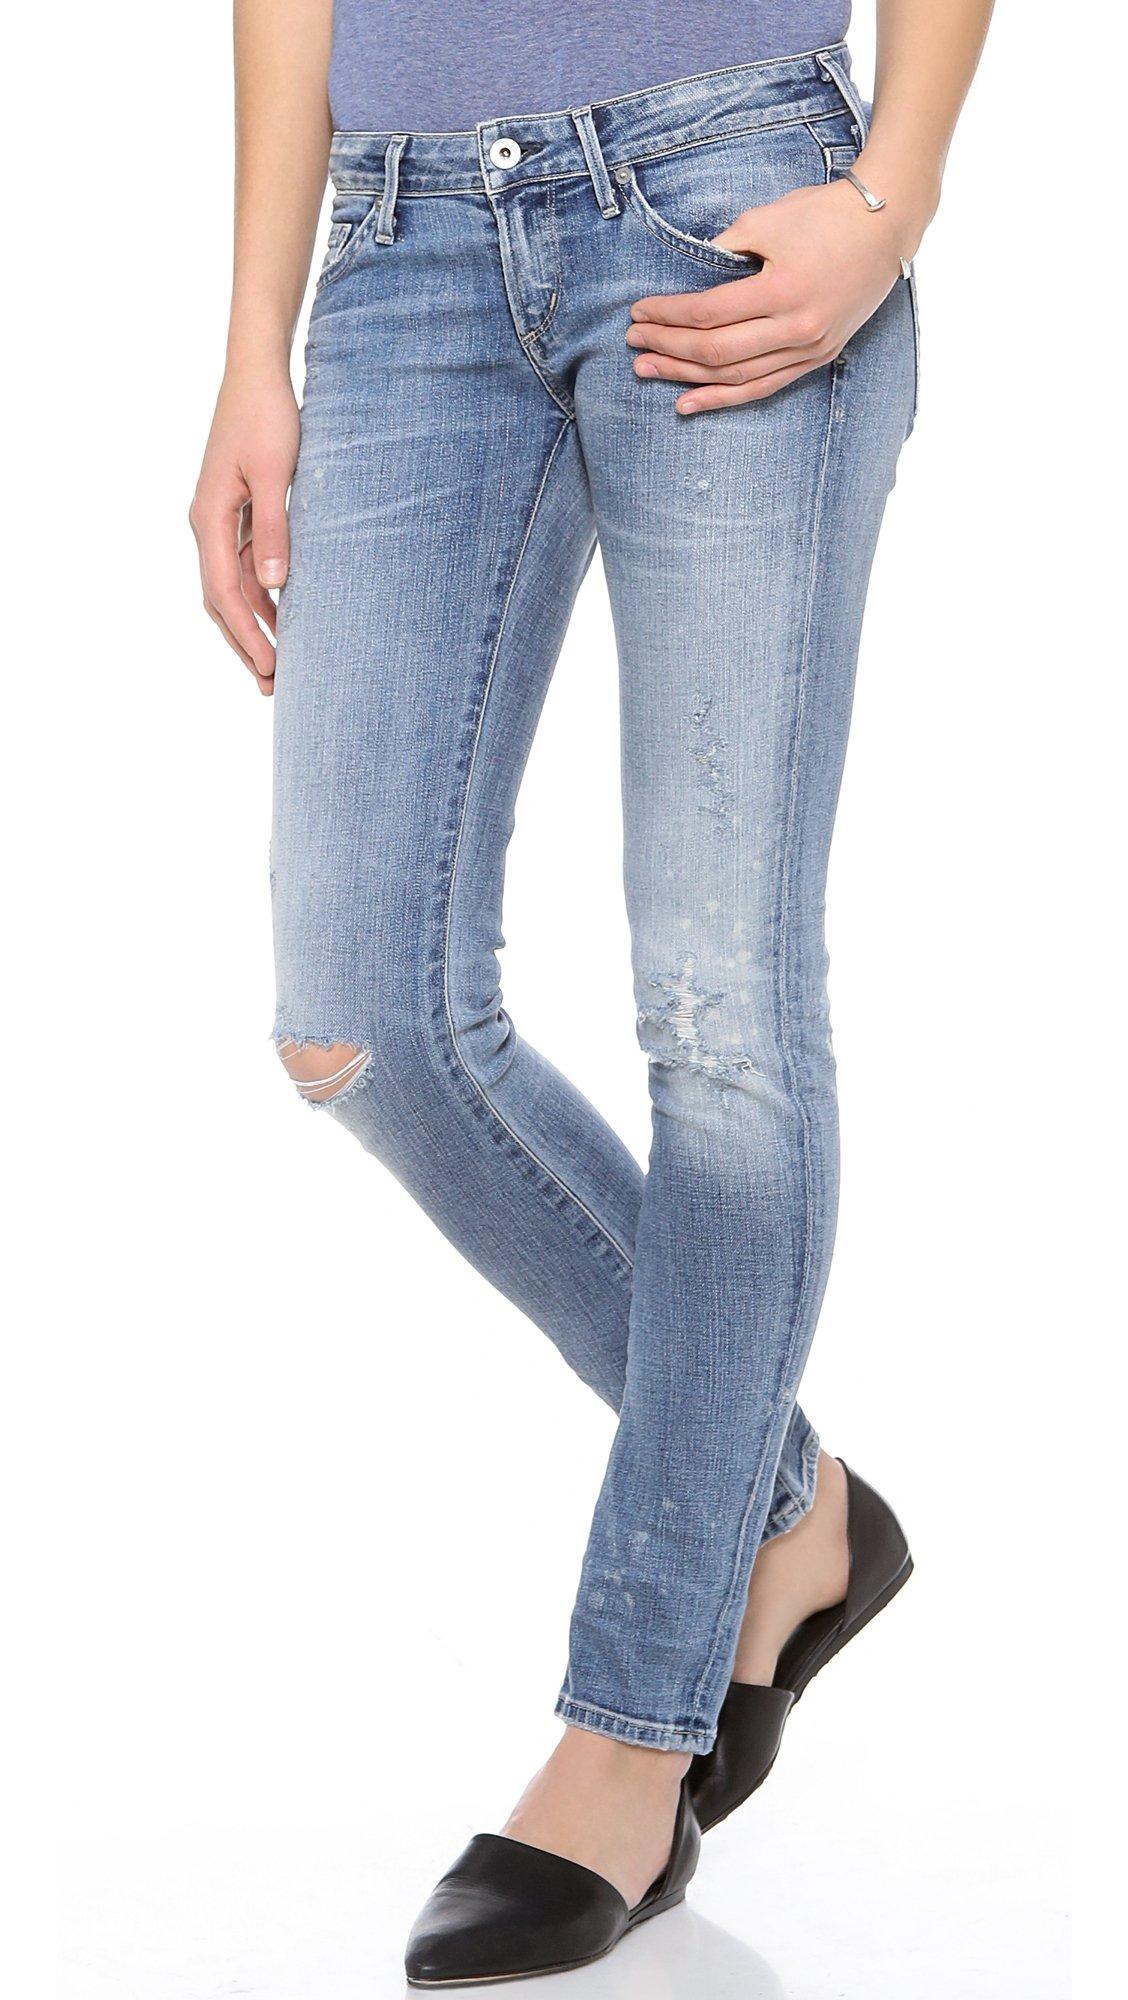 Jeans For Heavy Women